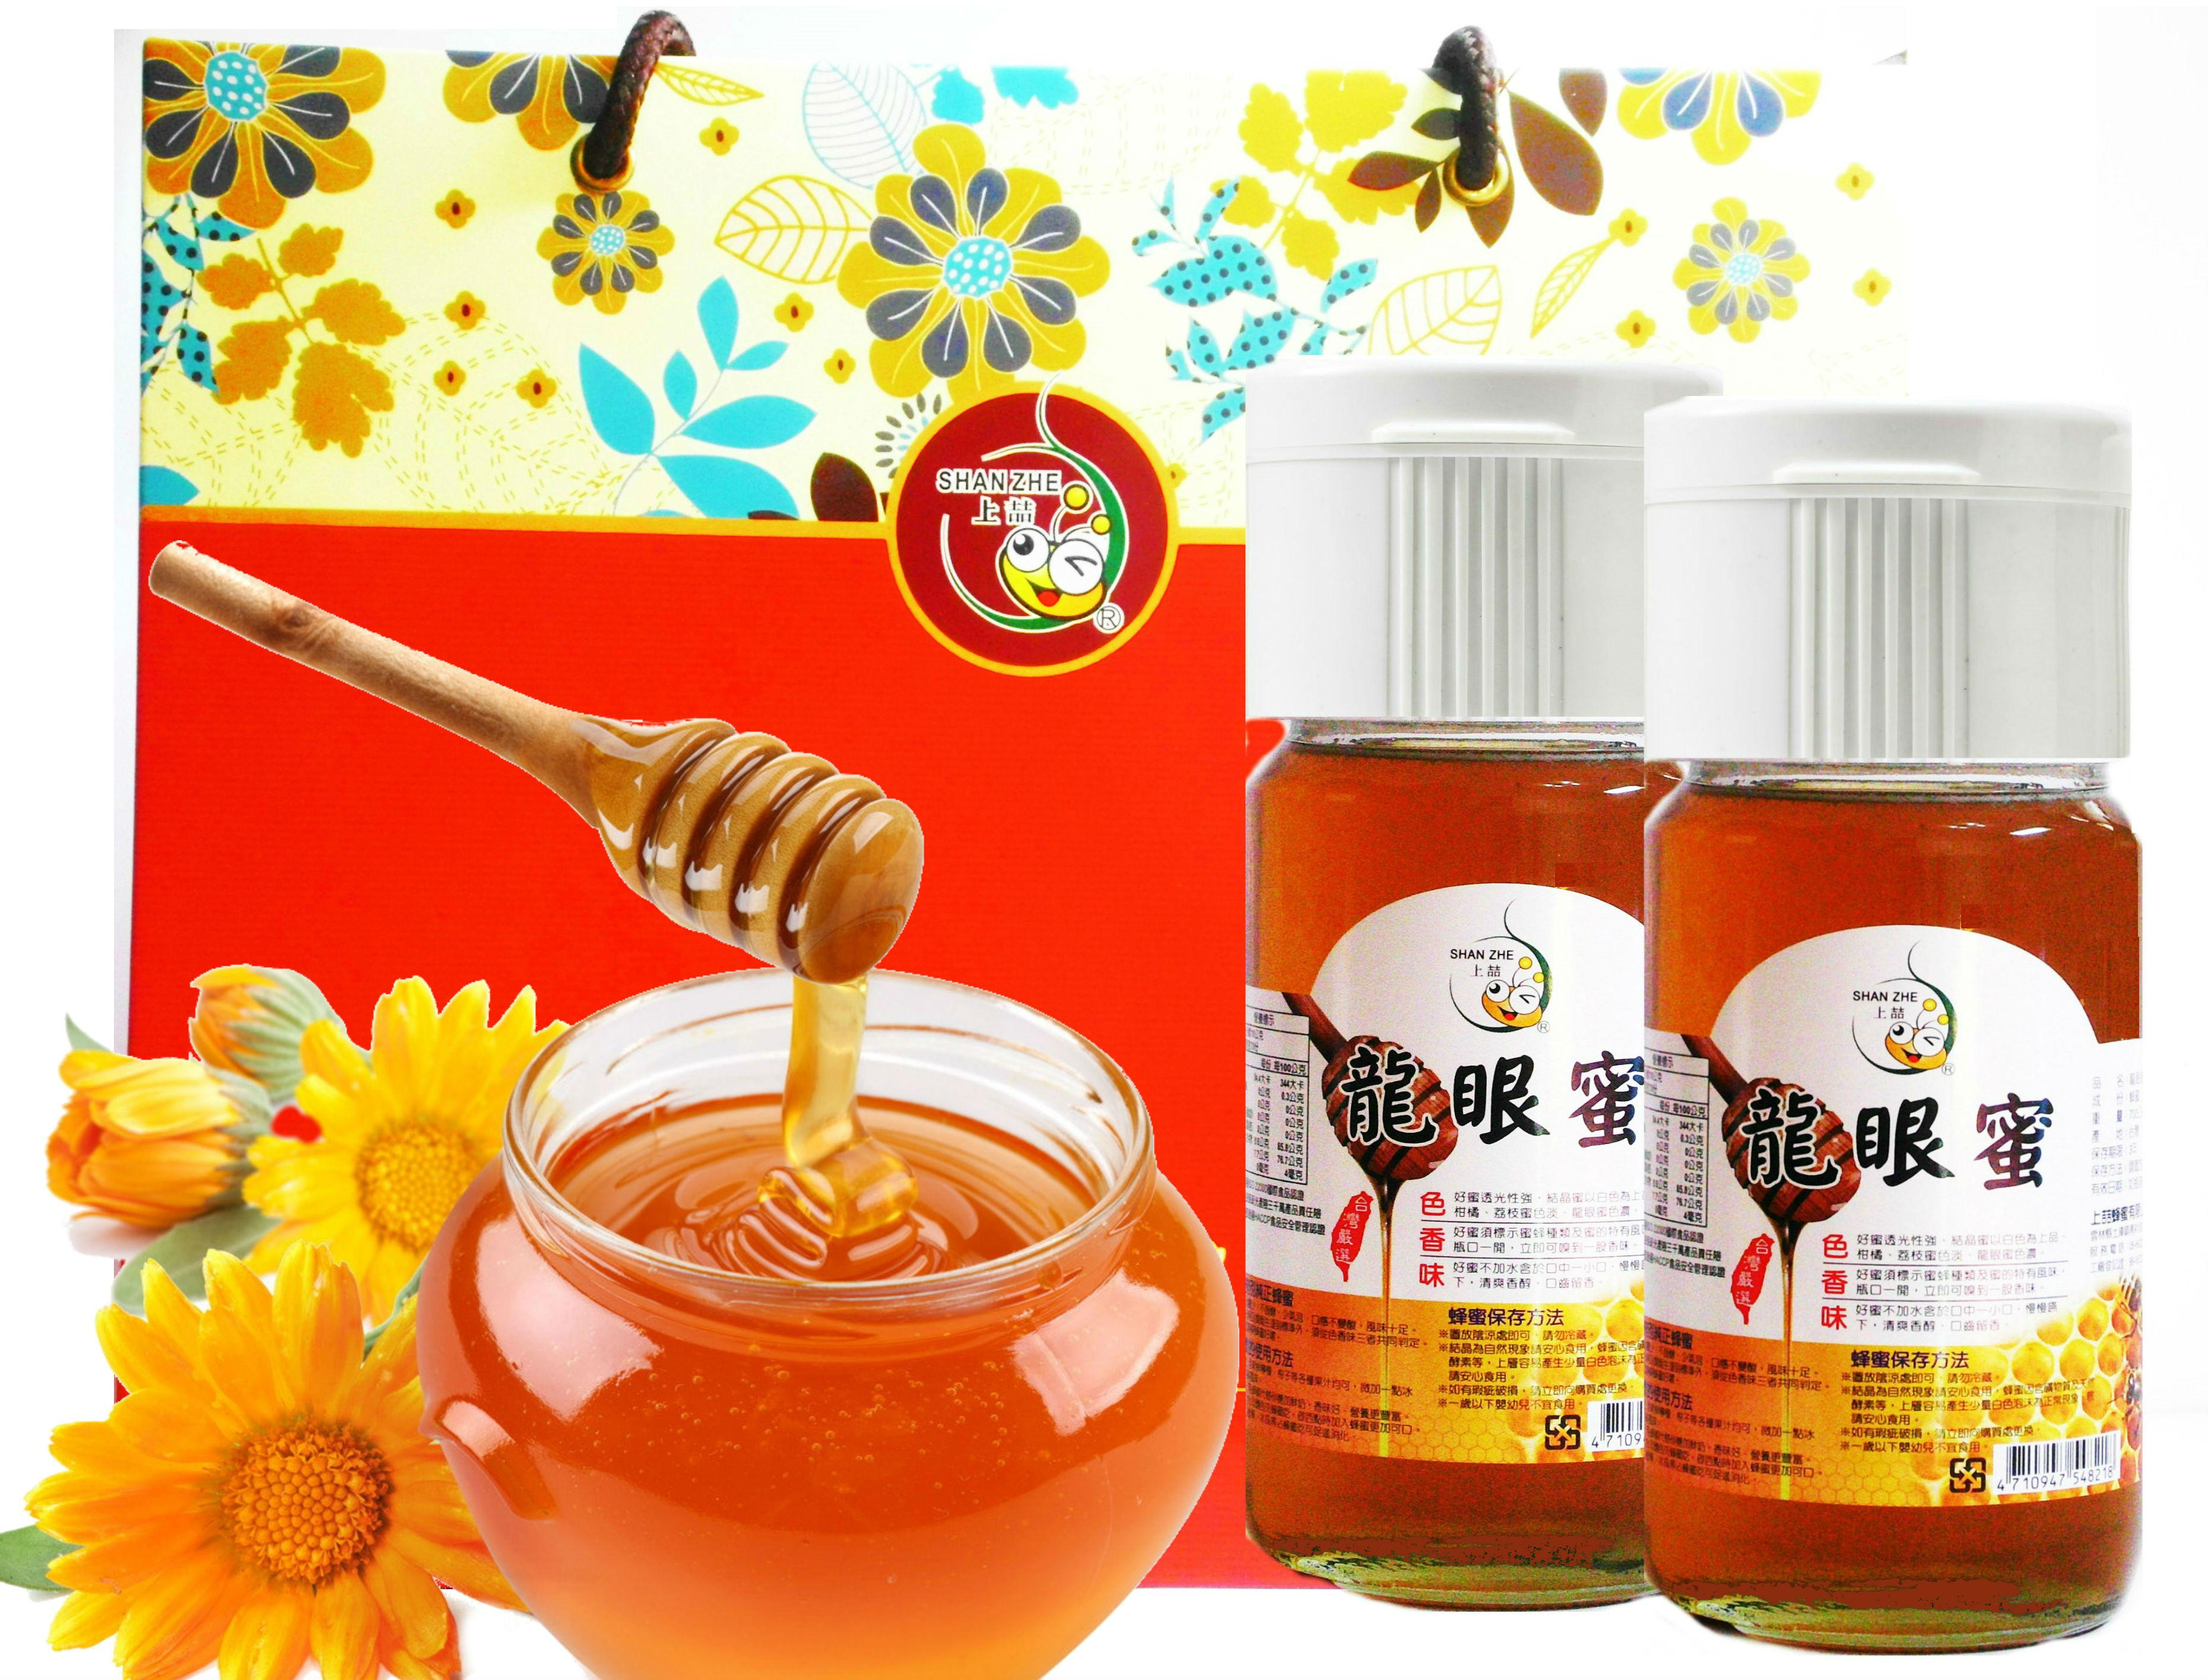 [上喆蜂蜜]龍眼蜜禮盒組-700g(2入)